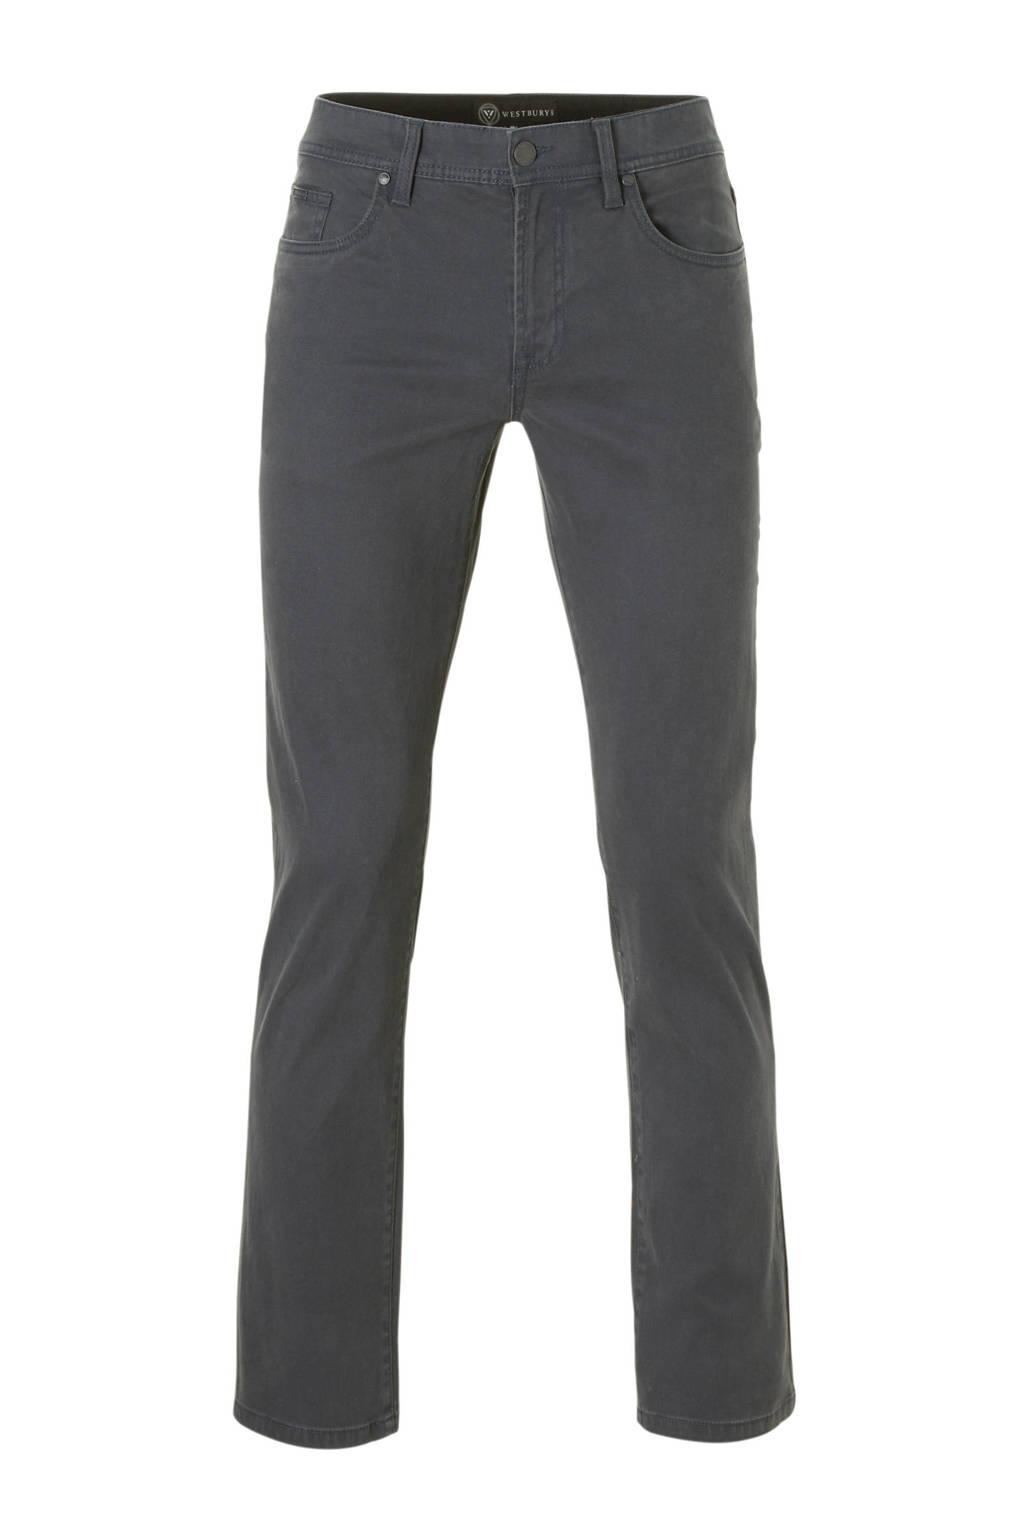 C&A Westbury regular fit broek grijs, Grijs